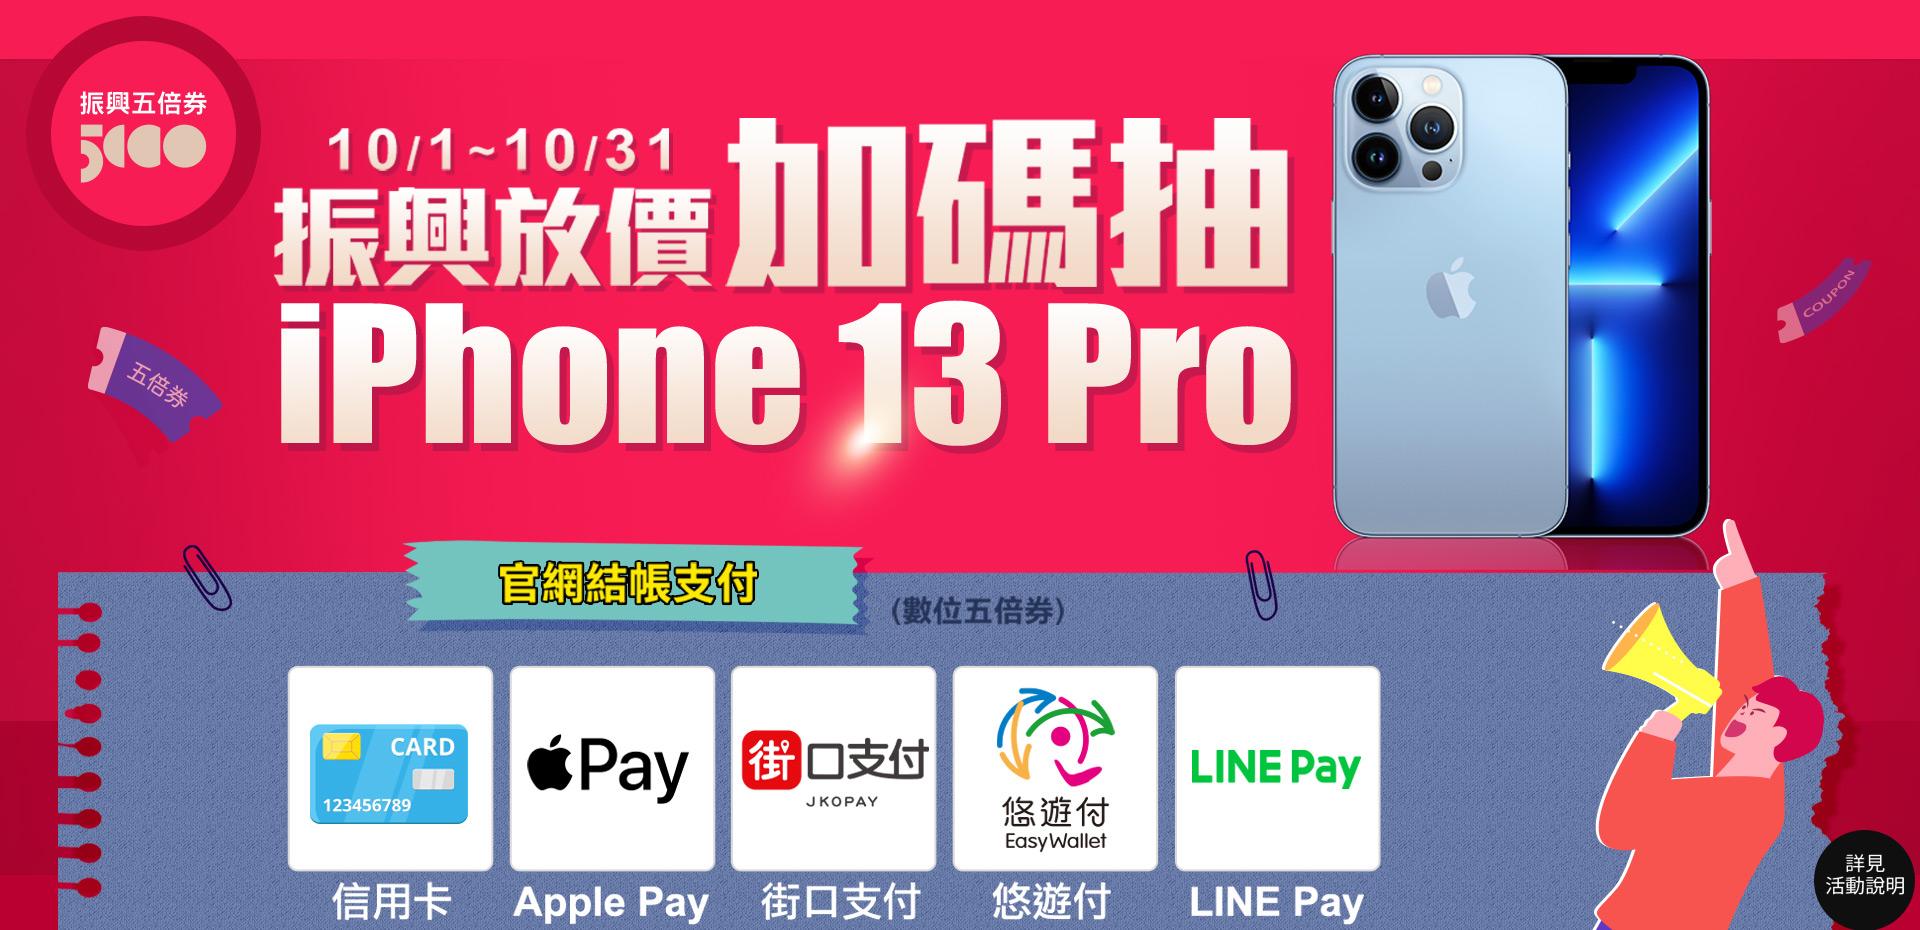 加碼抽iphone13 pro